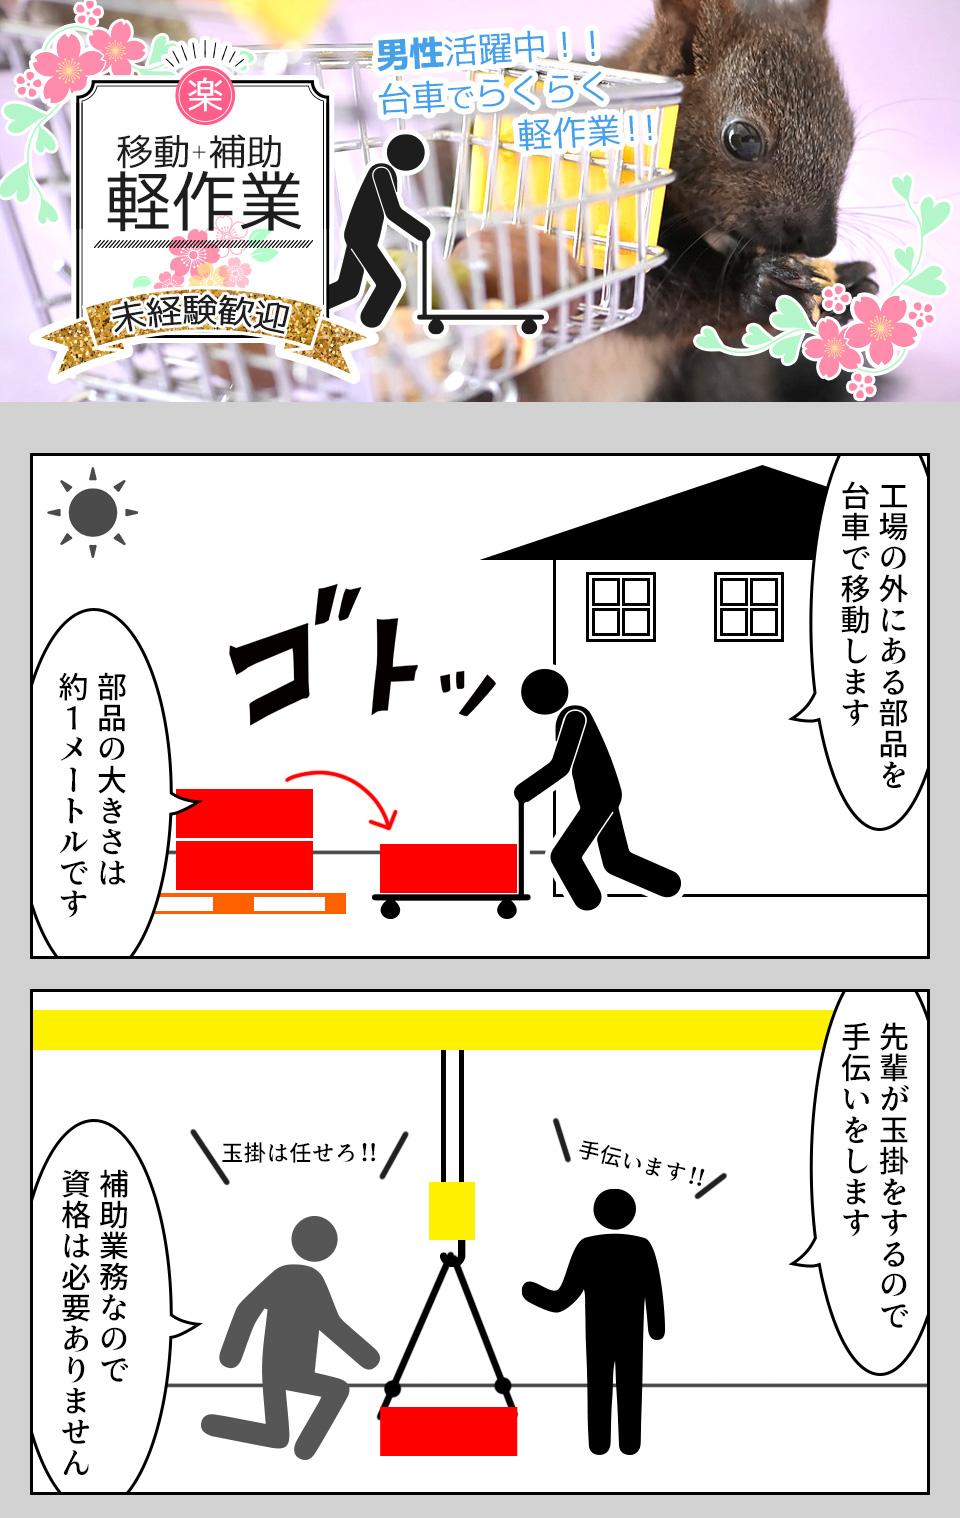 運搬・軽作業 石川県金沢市の派遣社員求人